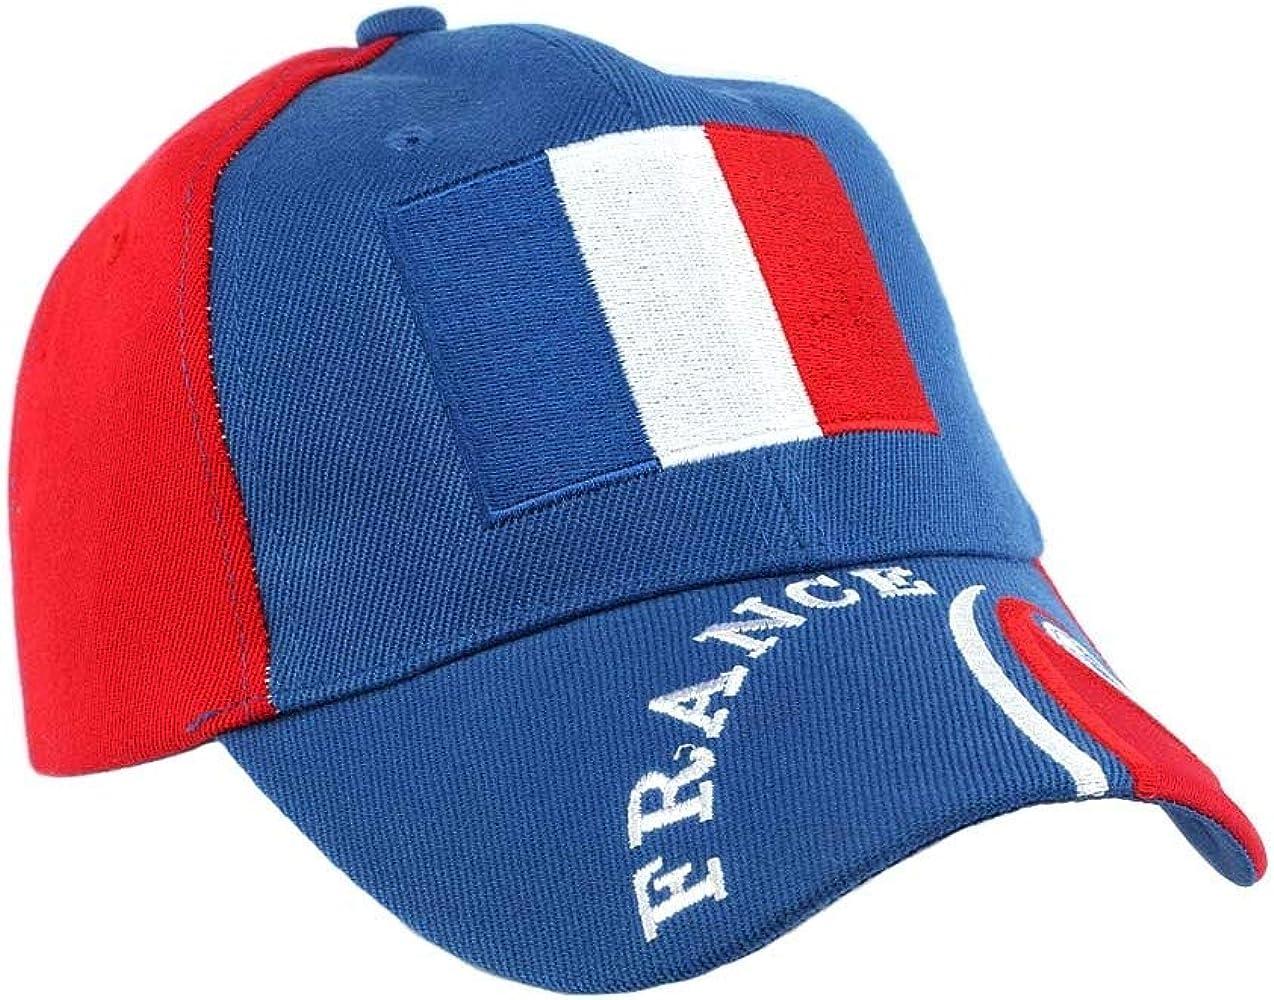 PAYS Gorra Francia fútbol clubs – Mixta azul Talla única: Amazon.es: Ropa y accesorios